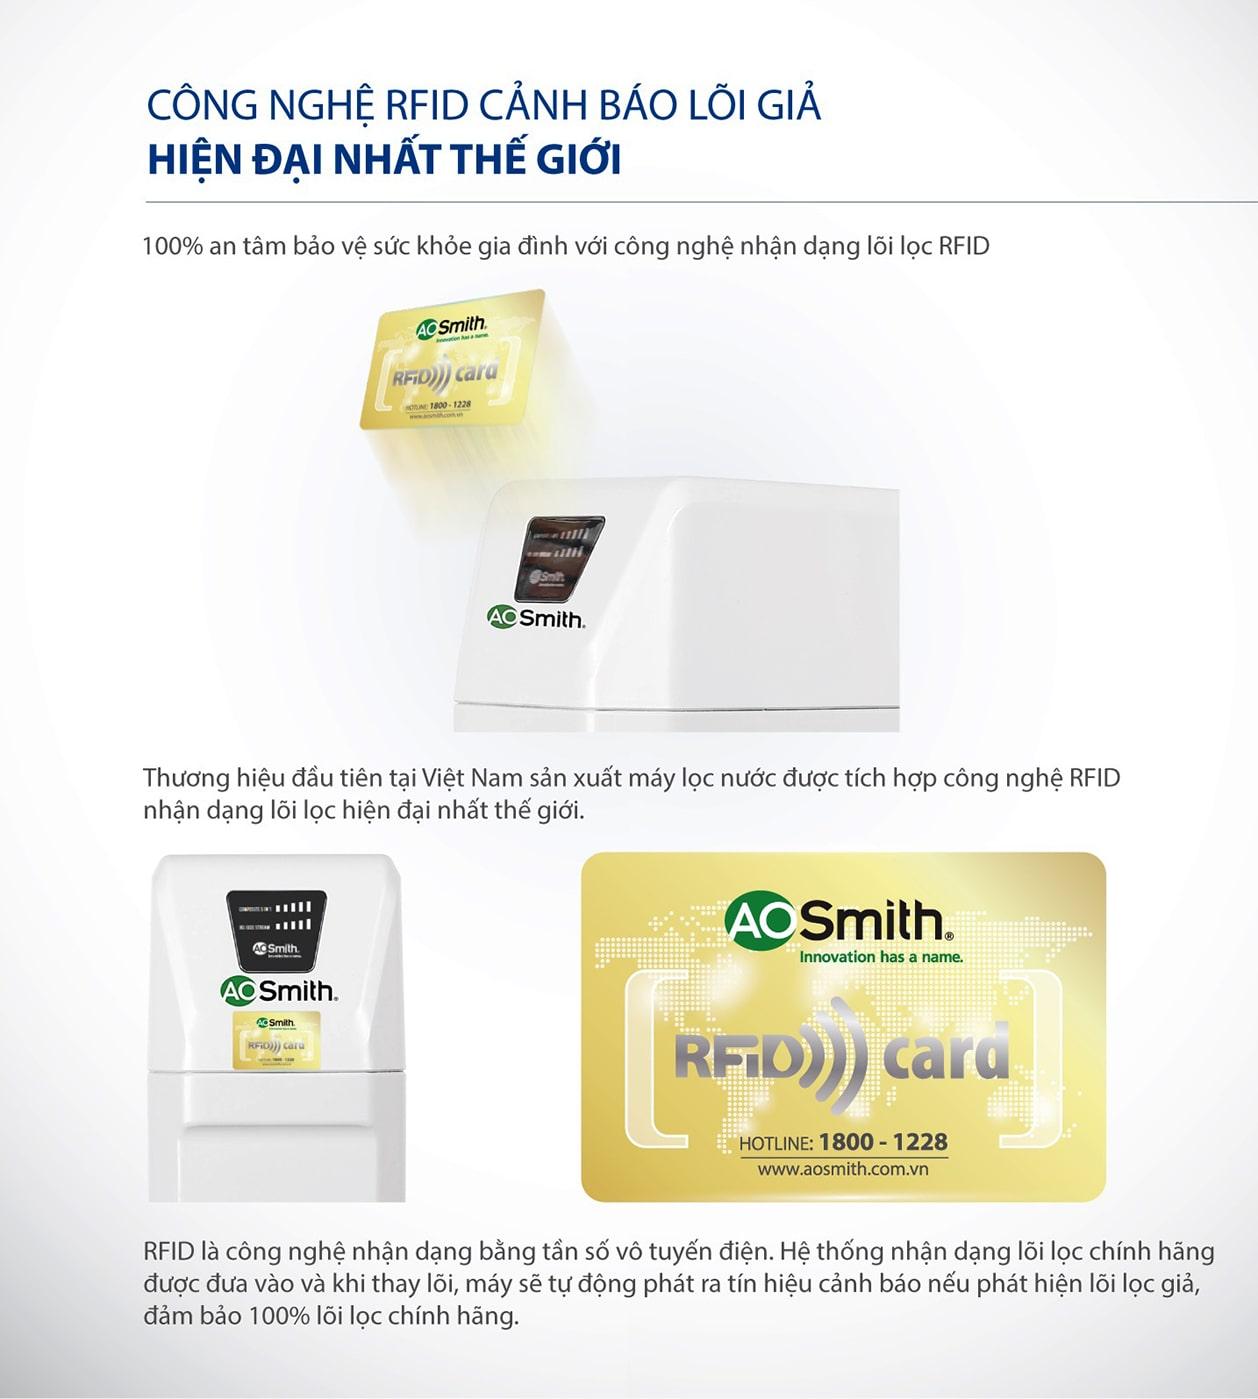 Máy lọc nước A.O.Smith R400E sử dụng công nghệ RFID để nhận dạng lõi lọc chính hãng